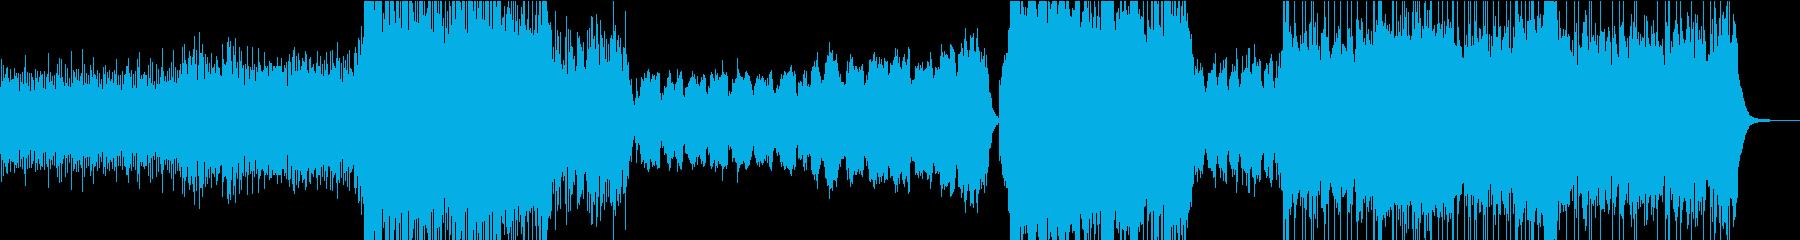 壮大な劇伴/メインテーマ/アニメ/ロボの再生済みの波形